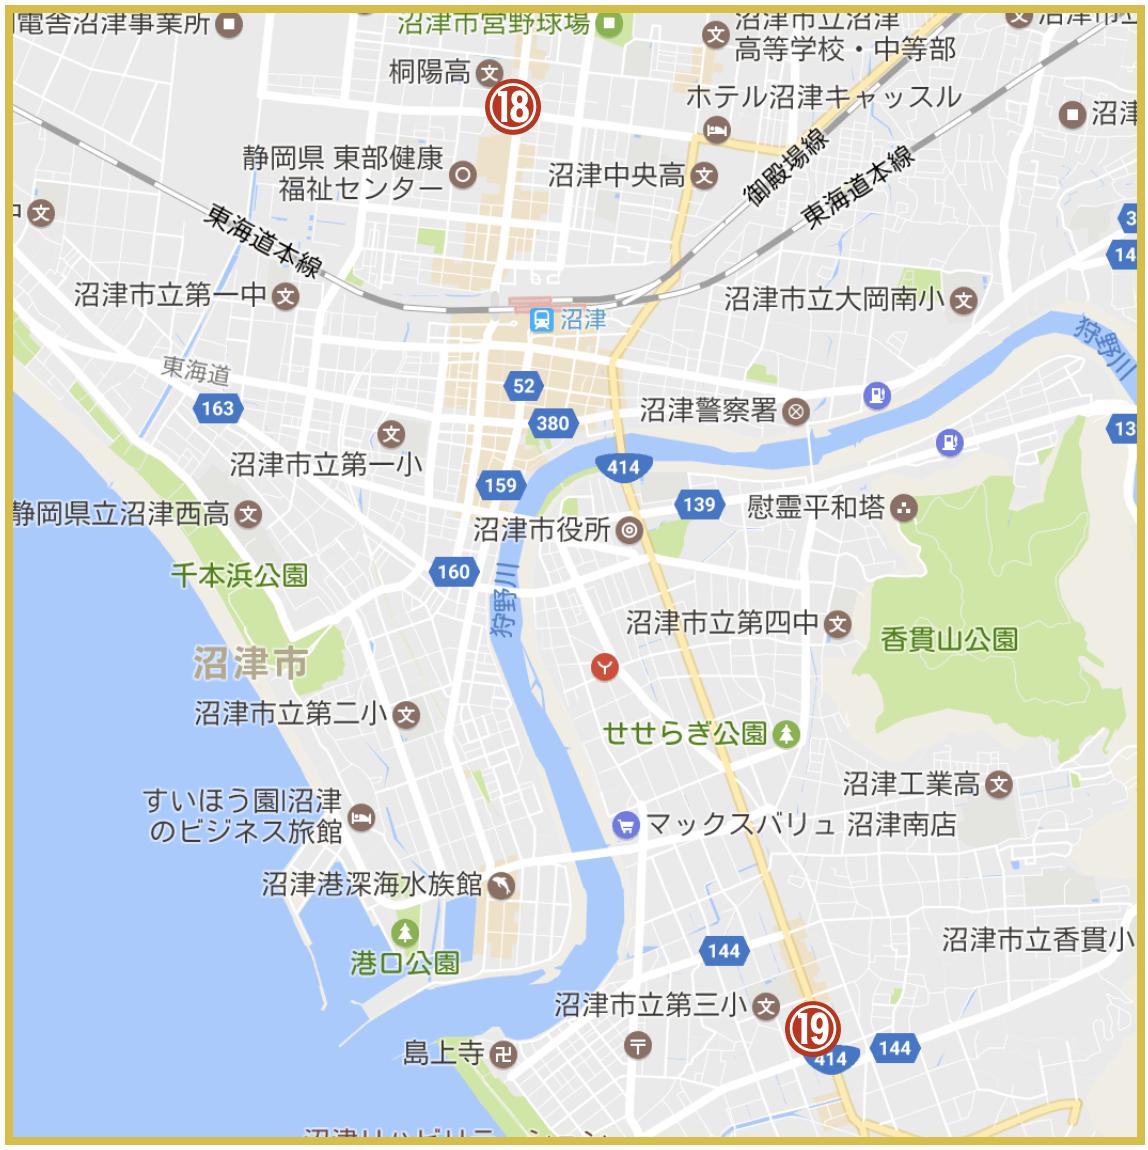 静岡県沼津市にあるプロミス店舗・ATM(2020年版)